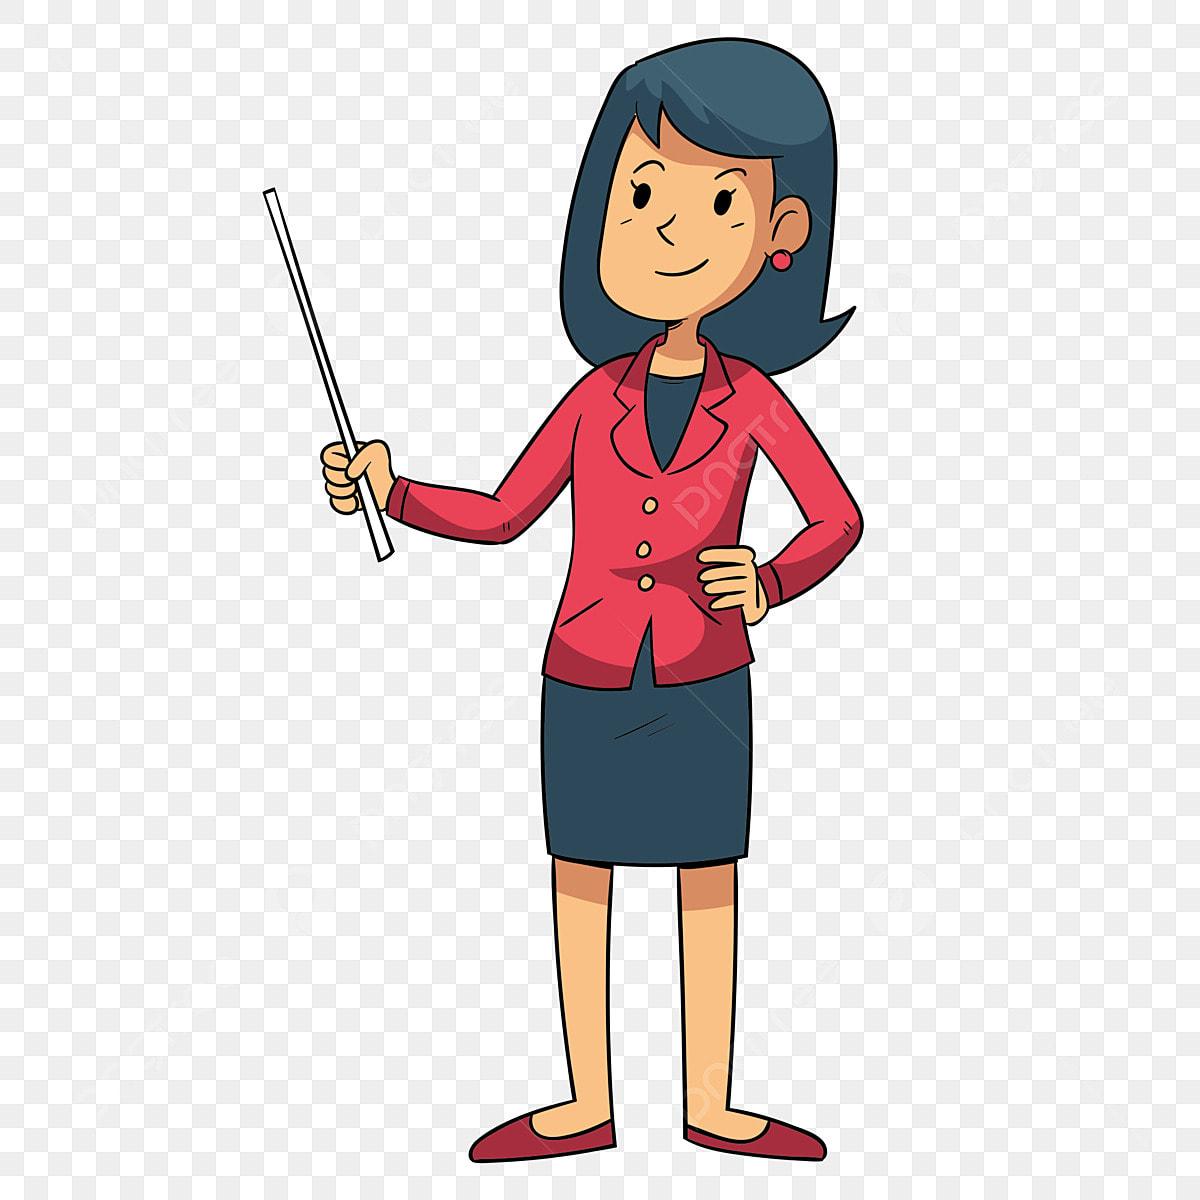 Gambar Ilustrasi Guru Sekolah Guru Dalam Kelas Ilustrasi Tangan Guru Gaya Kartun Guru Dalam Kelas Ilustrasi Guru Sekolah Watak Png Dan Psd Untuk Muat Turun Percuma